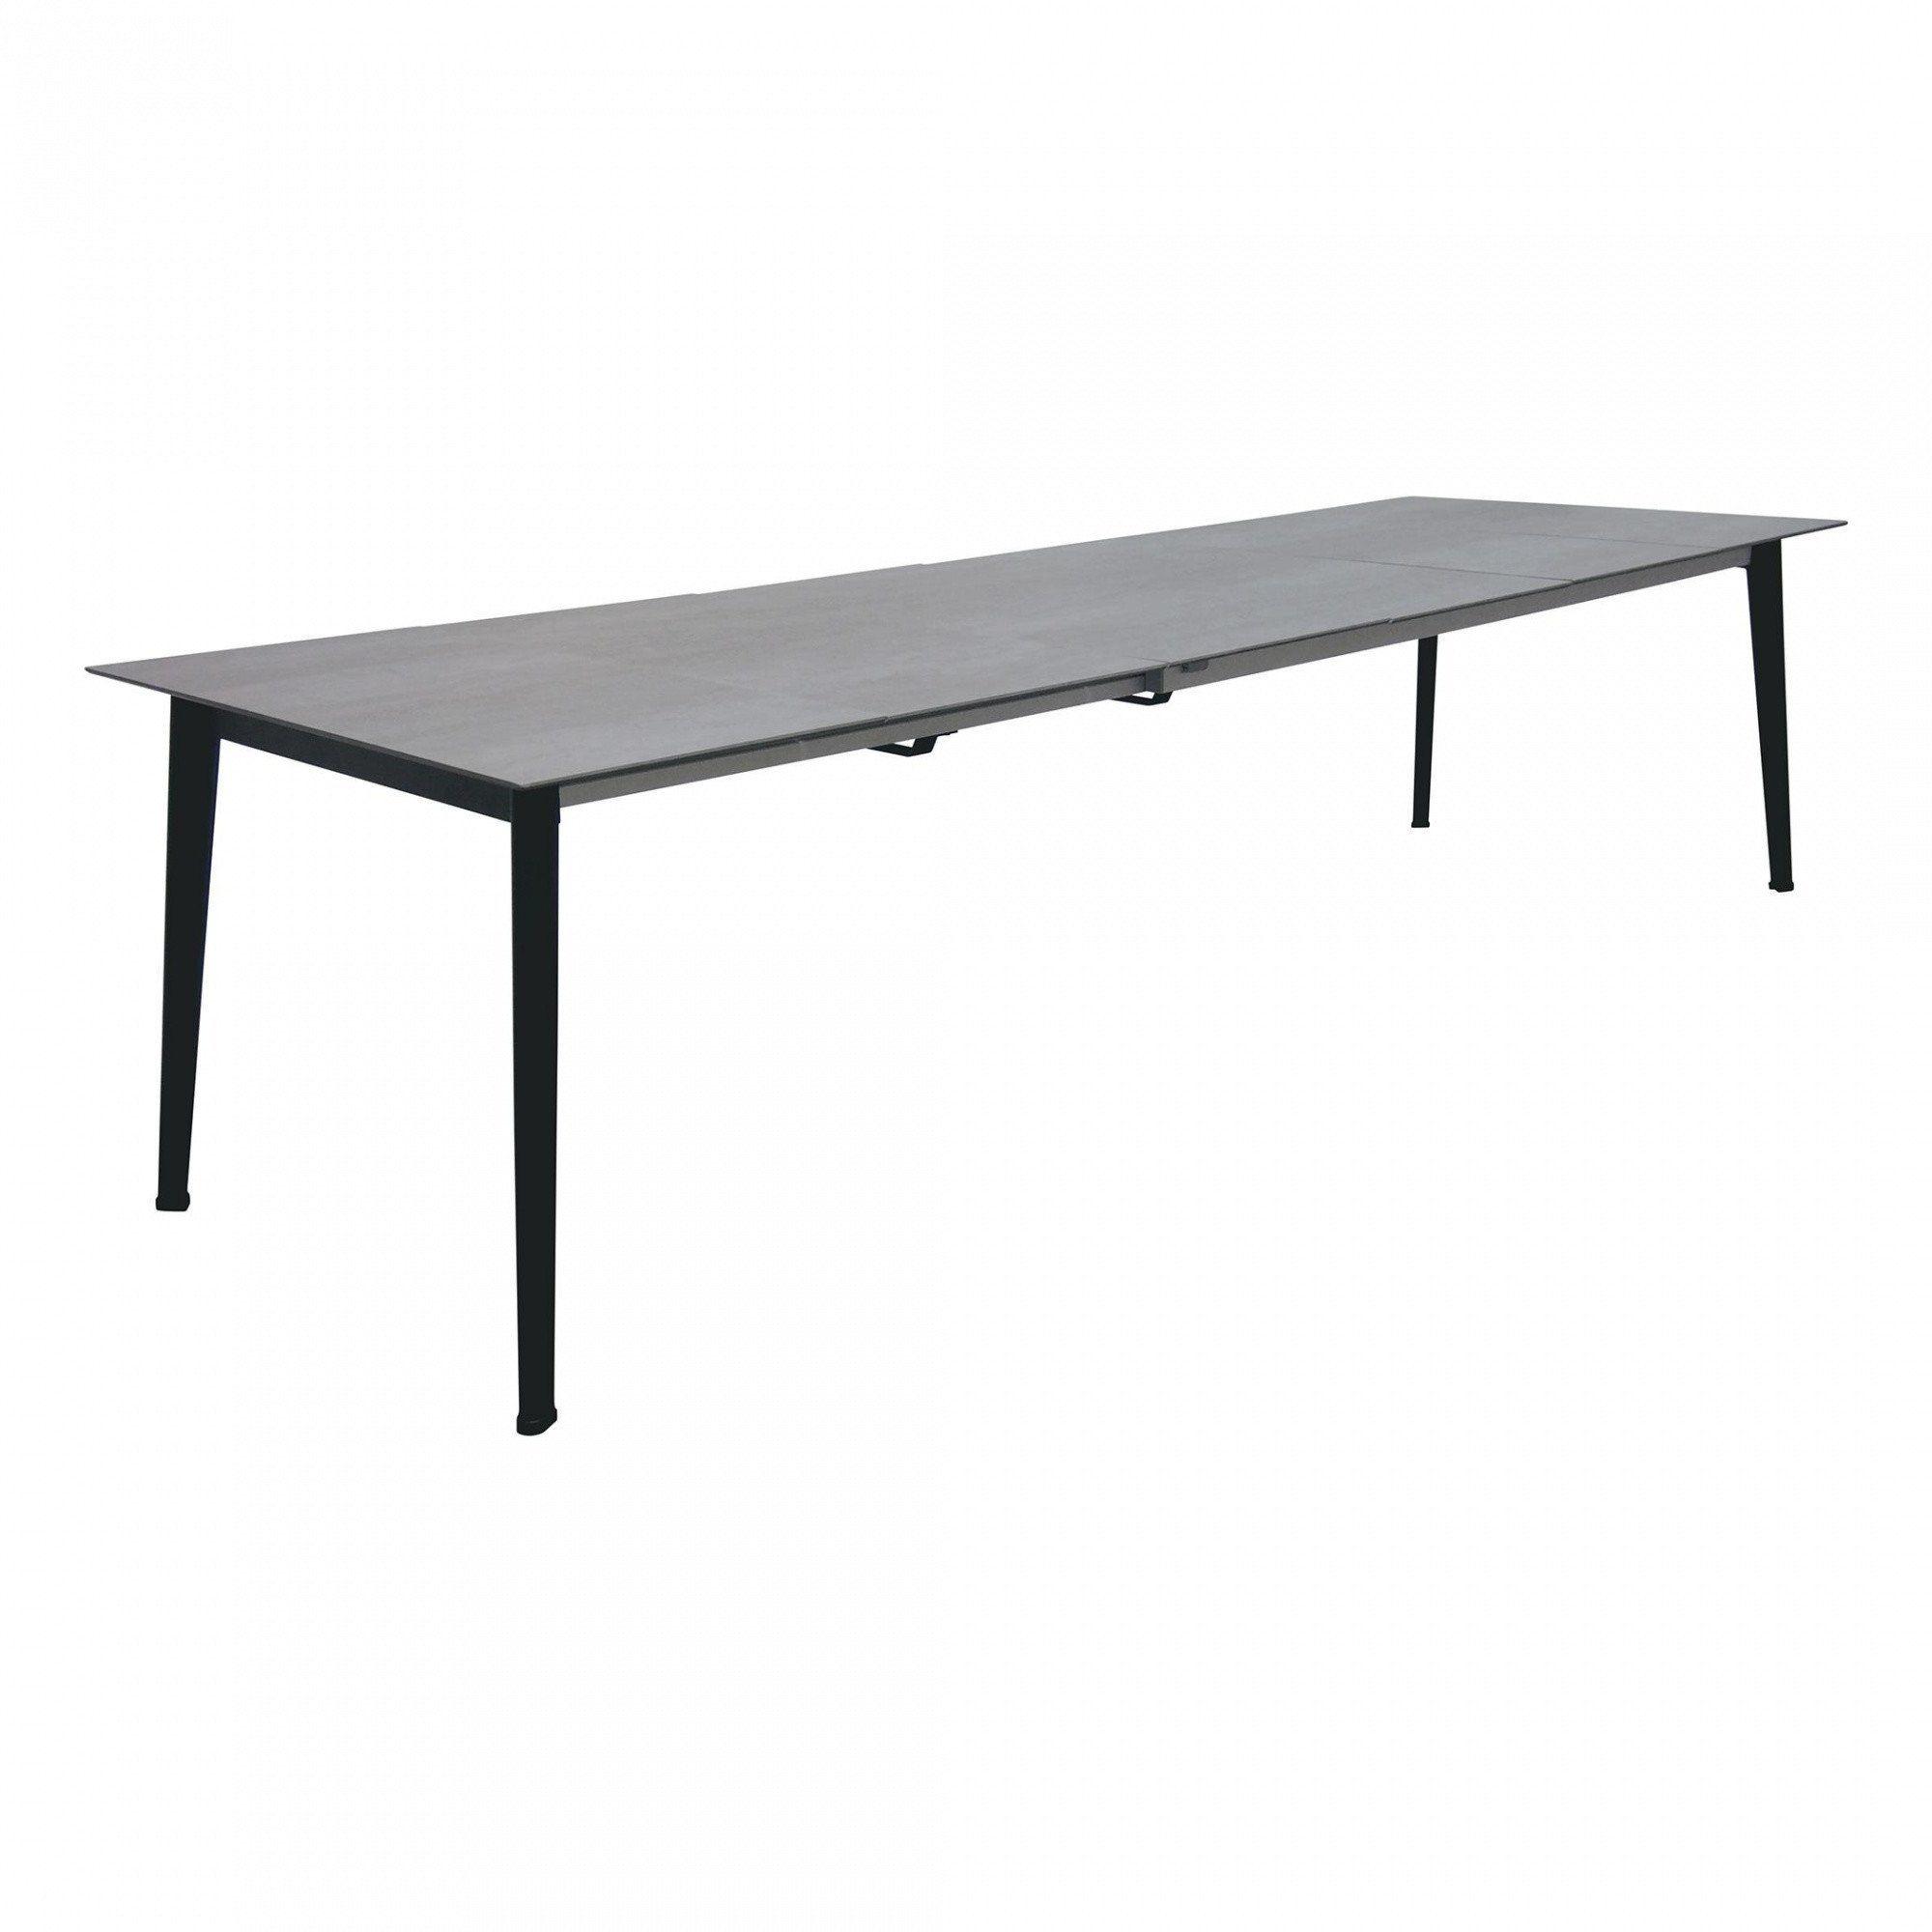 Gartentisch ausziehbar  emu Kira Gartentisch ausziehbar | AmbienteDirect